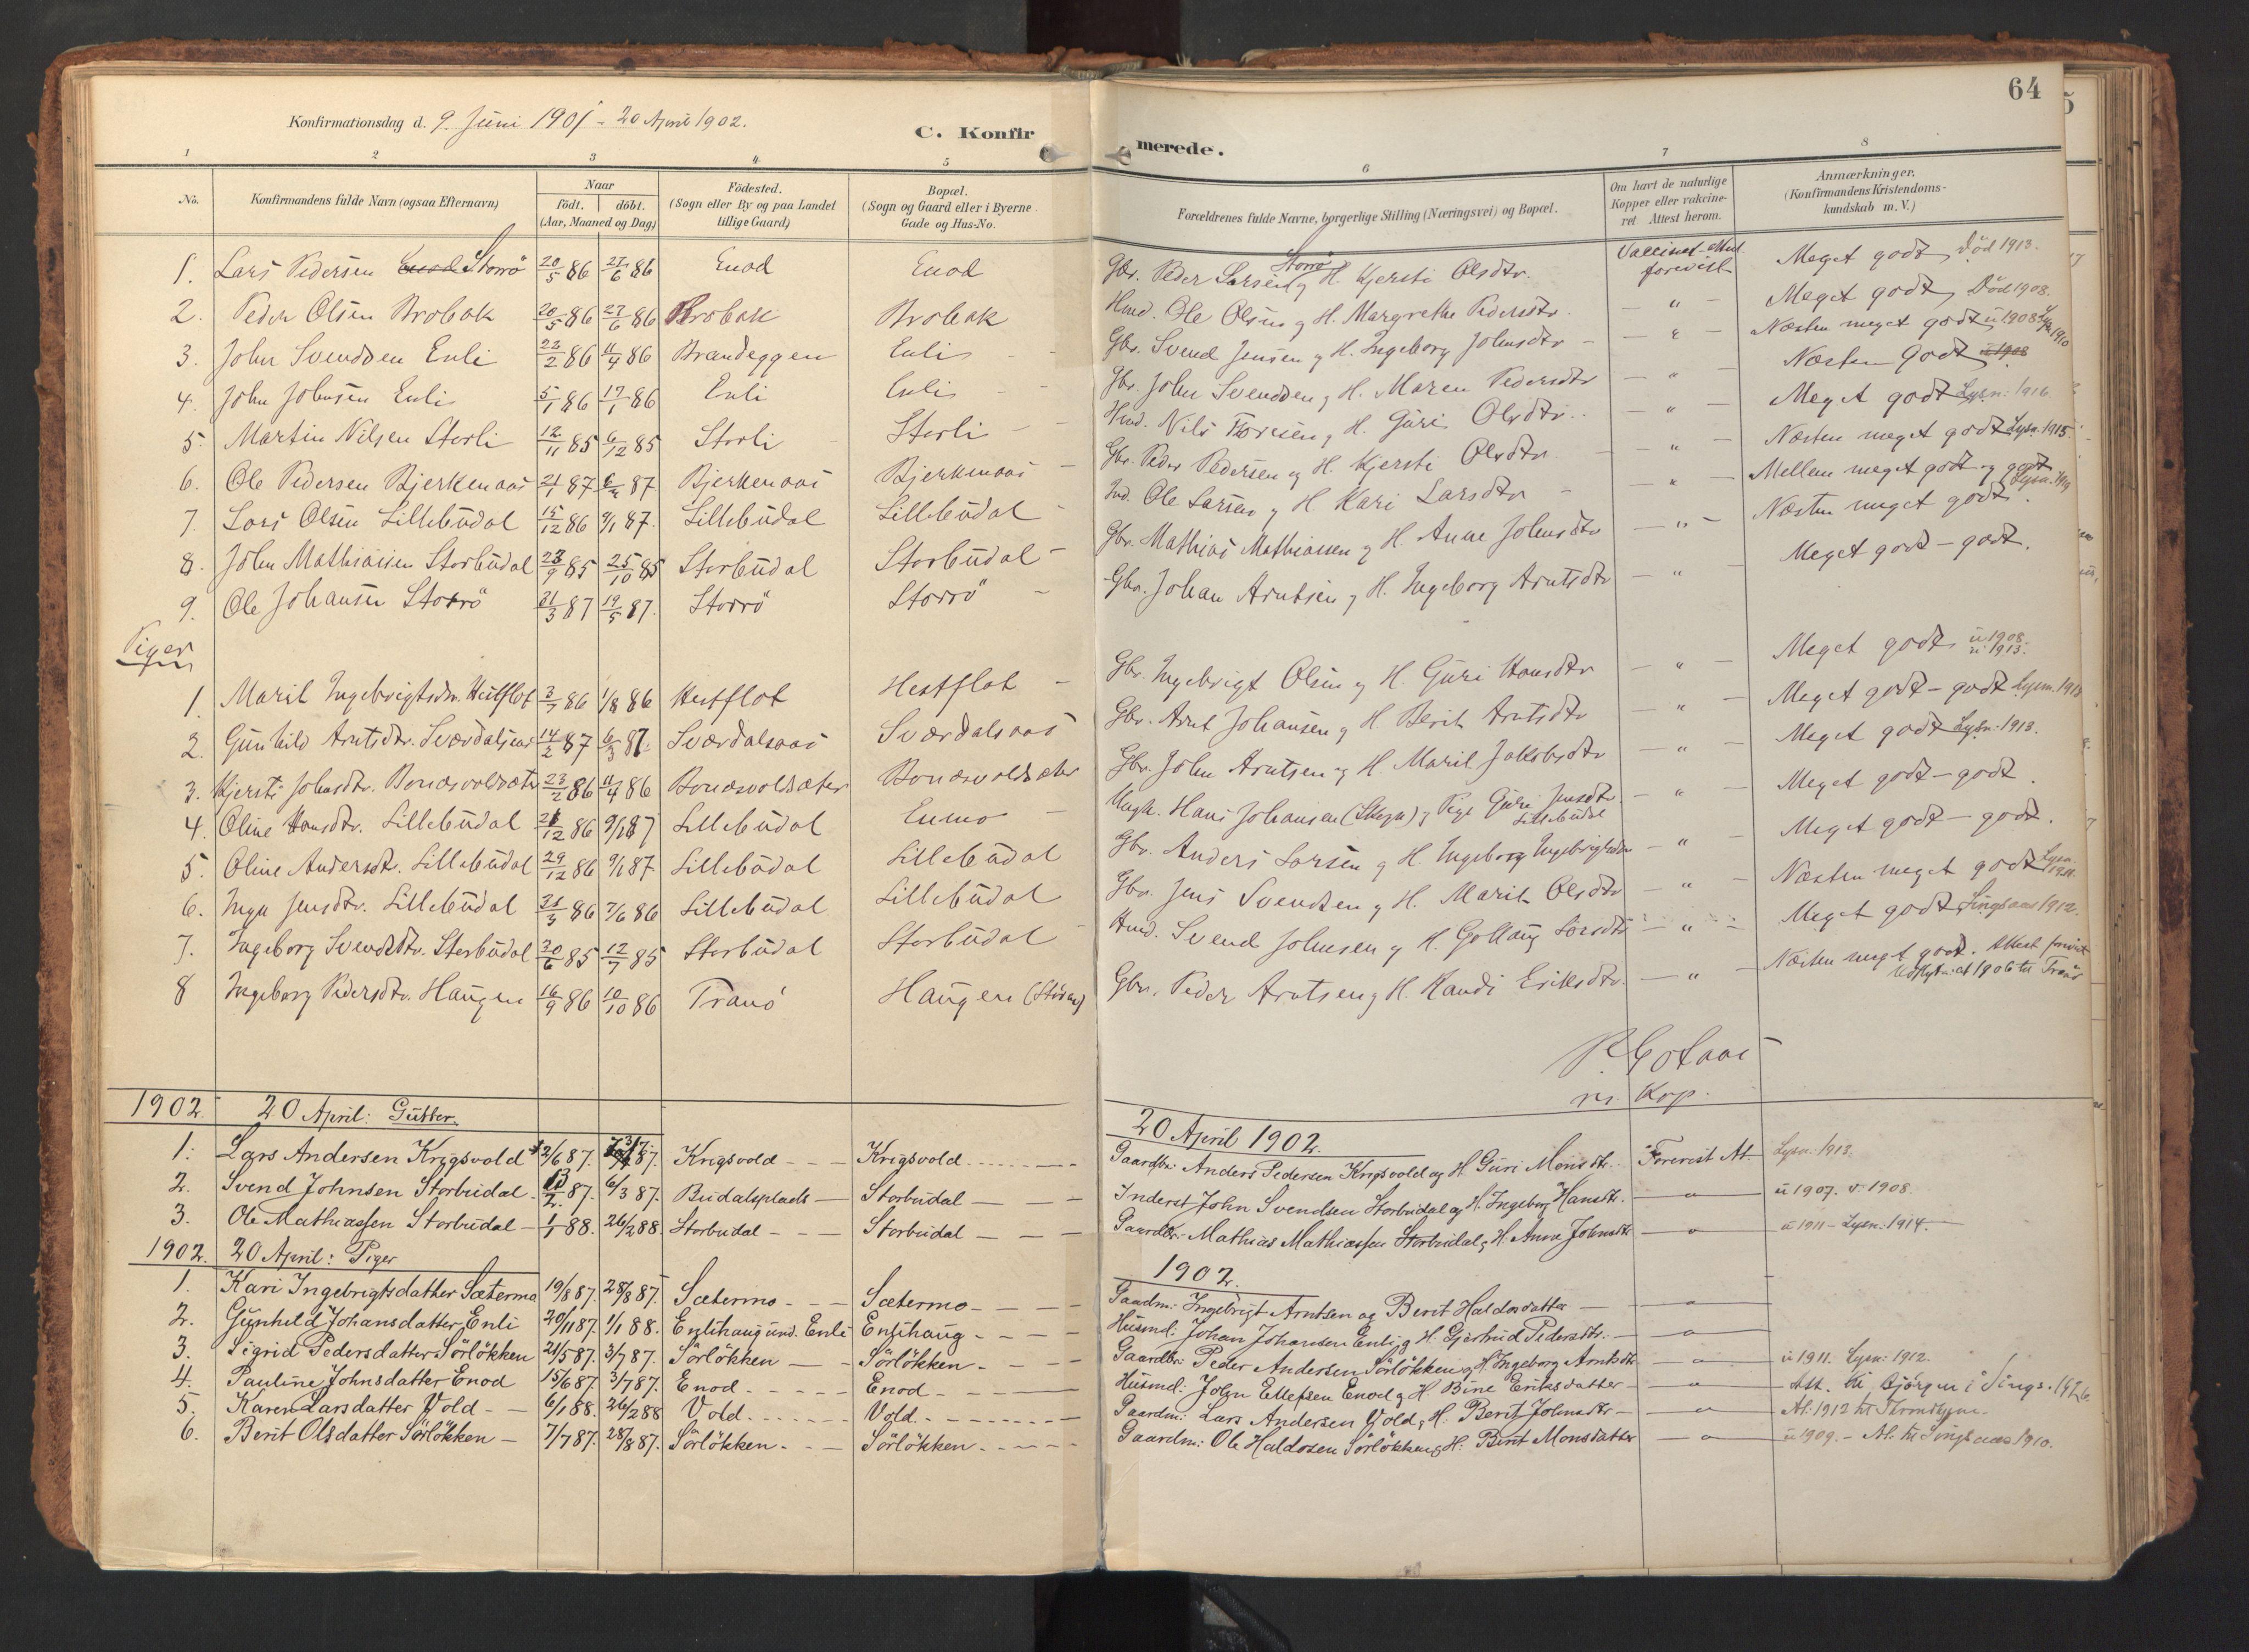 SAT, Ministerialprotokoller, klokkerbøker og fødselsregistre - Sør-Trøndelag, 690/L1050: Ministerialbok nr. 690A01, 1889-1929, s. 64